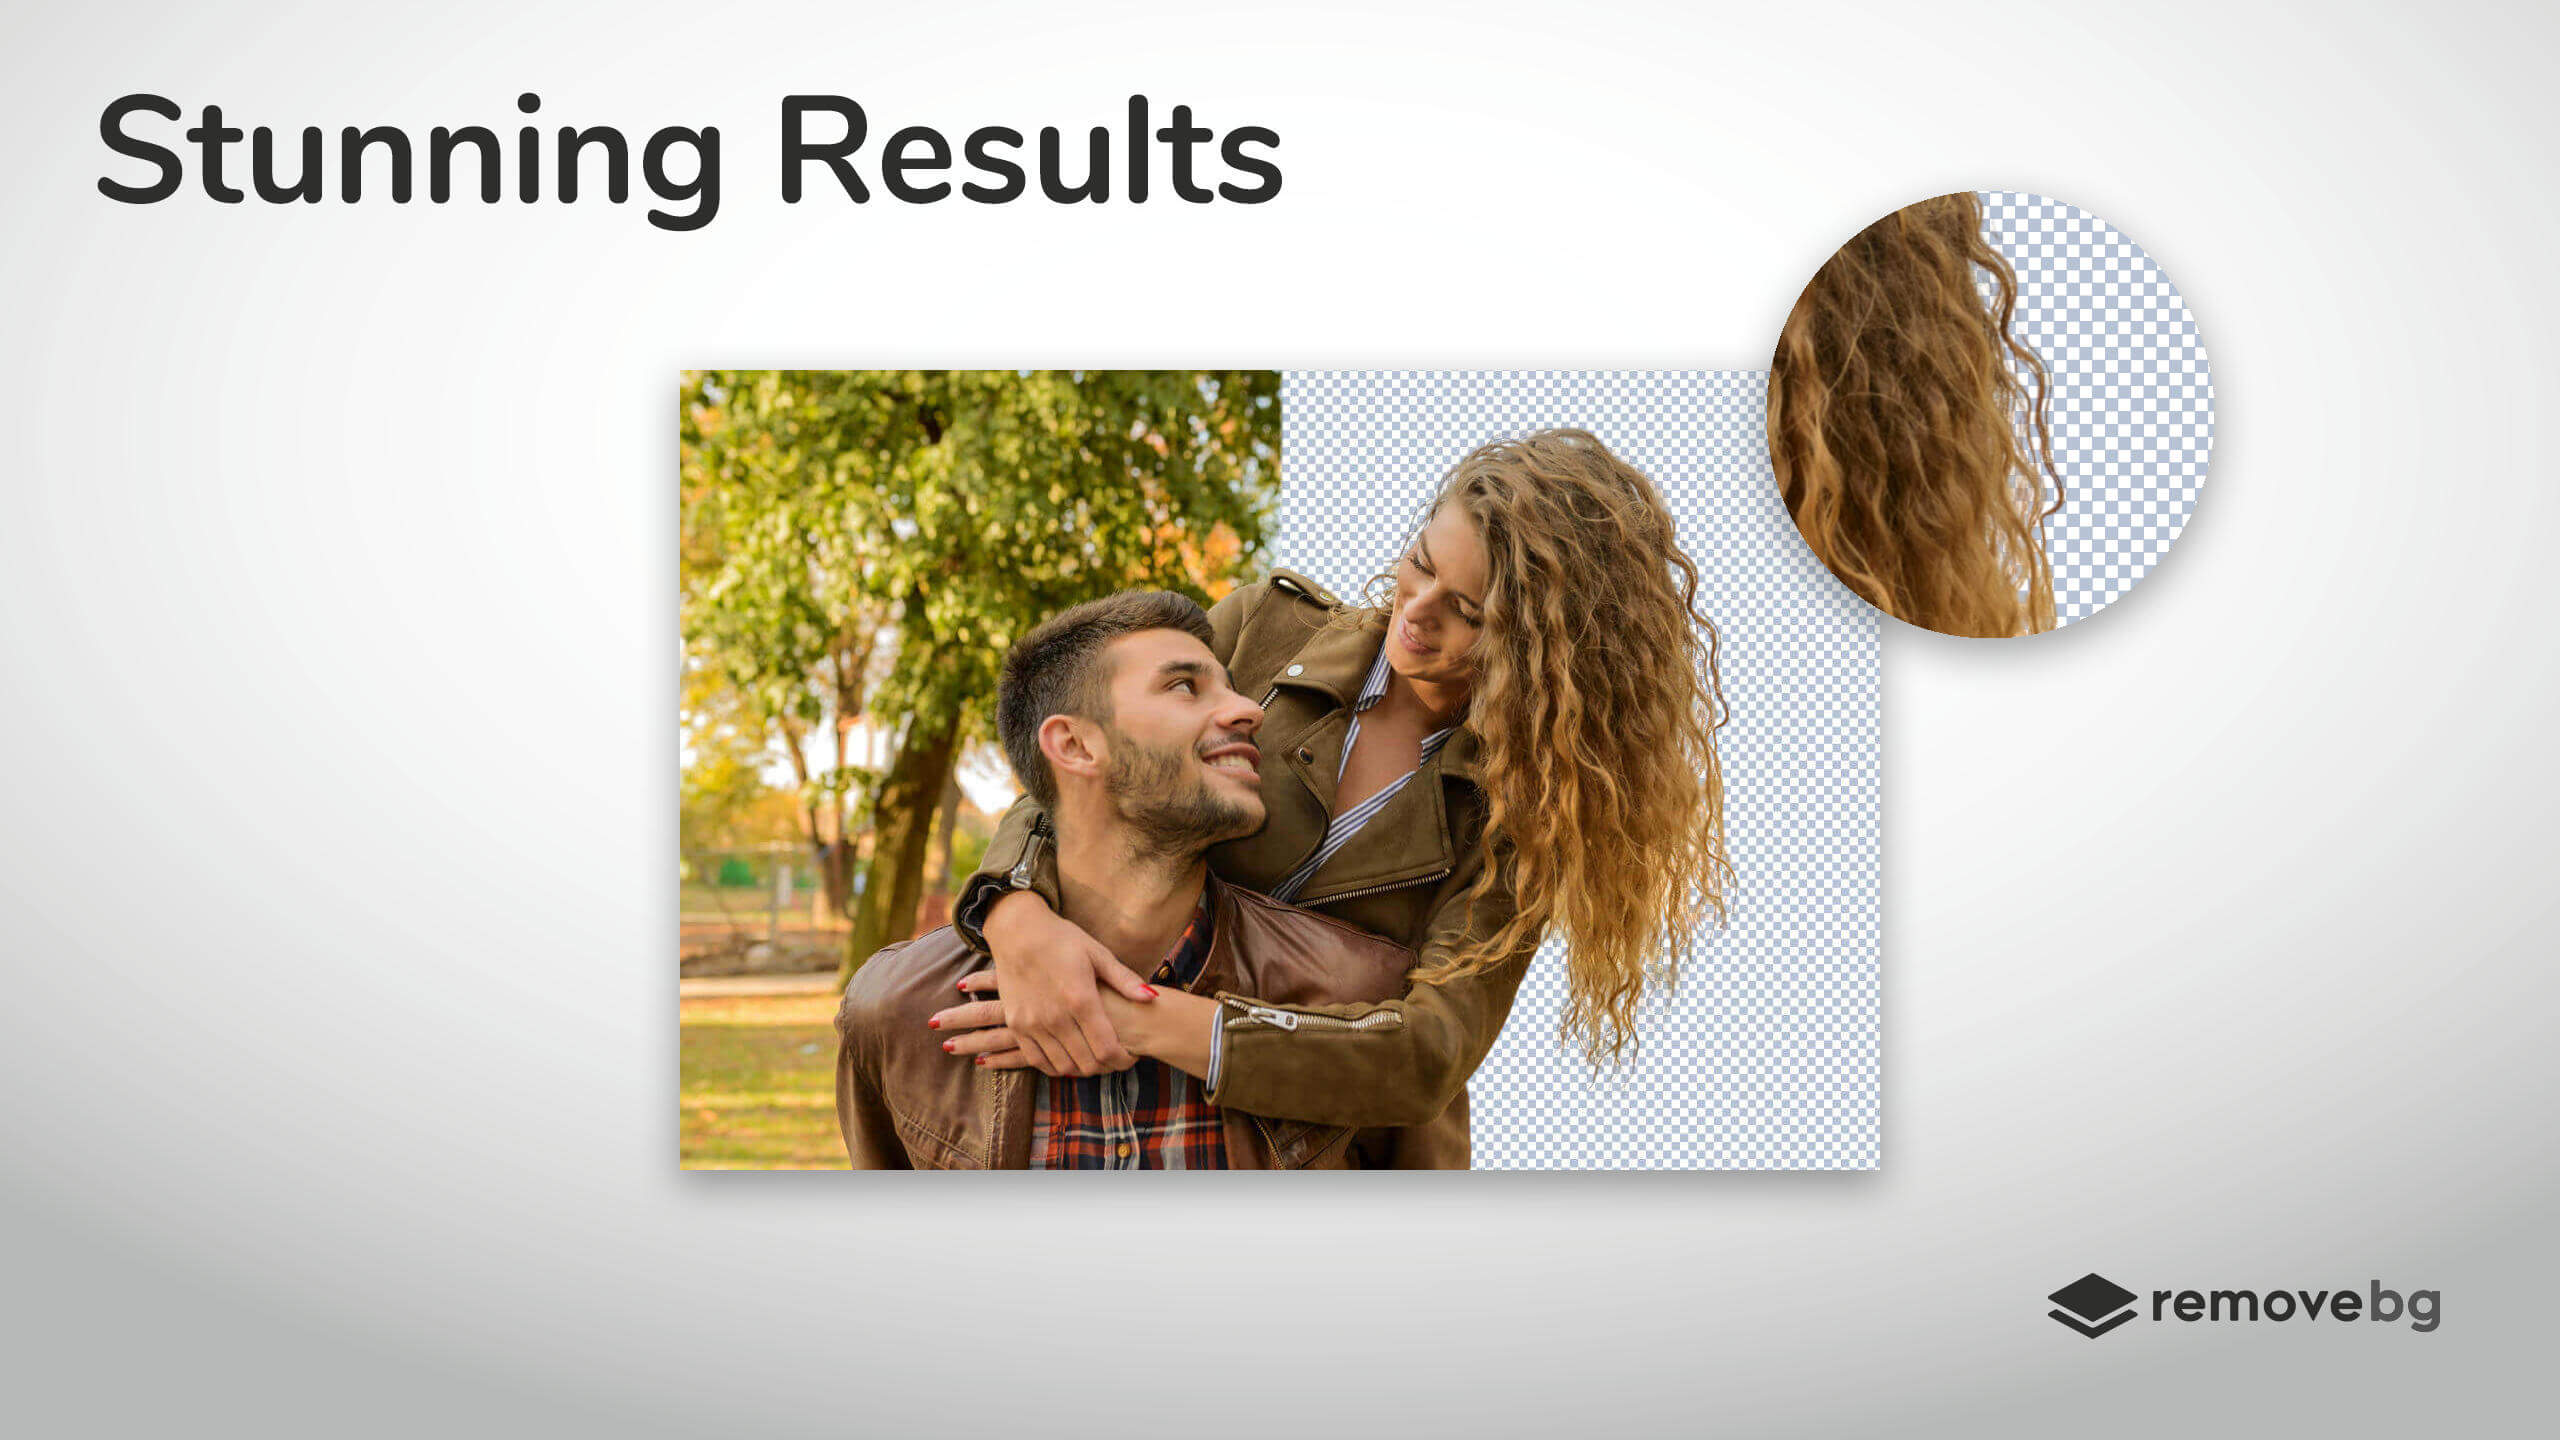 Ταχύτητα dating Ρόστοκ 2014